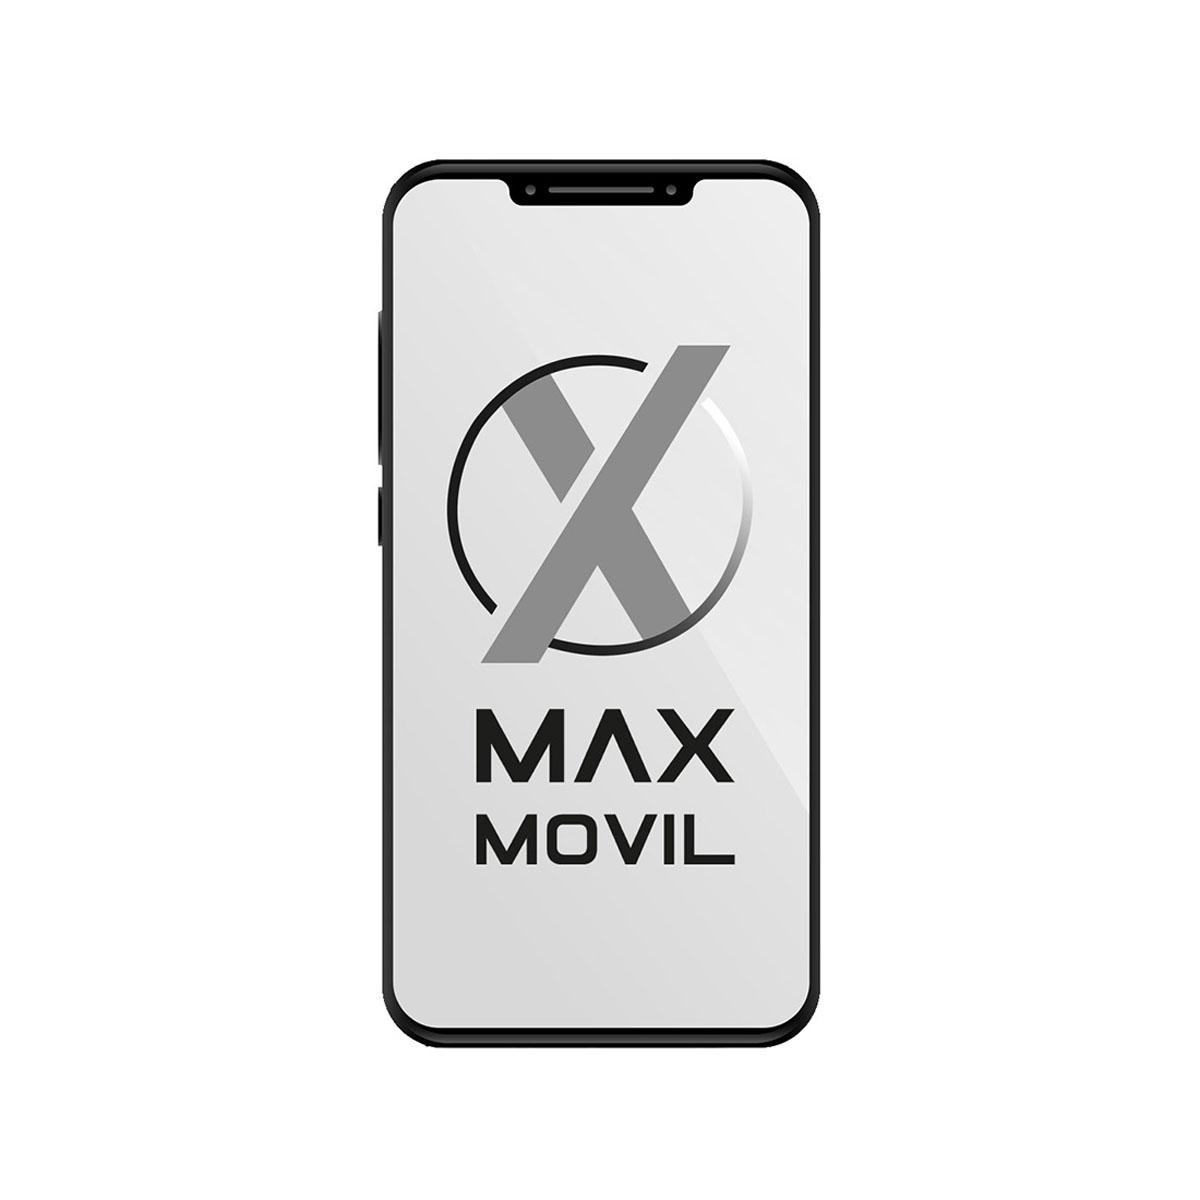 Samsung Galaxy Note20 5G 8GB/256GB Gris (Mystic Gray) Dual SIM N981B